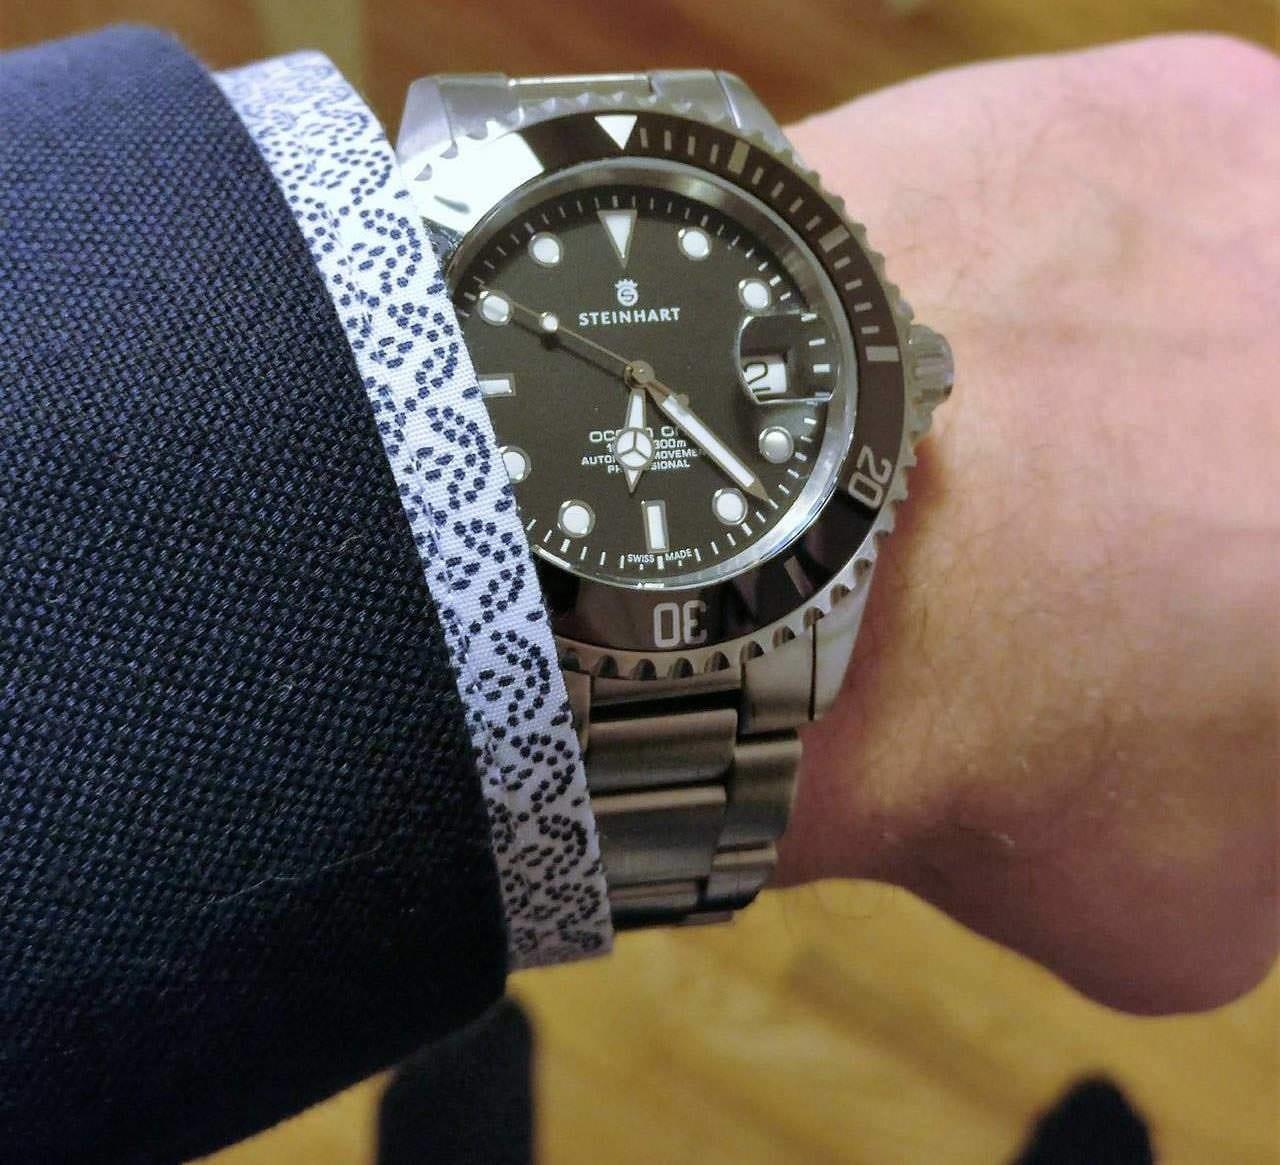 Replica Uhren Audemars Piguet-an